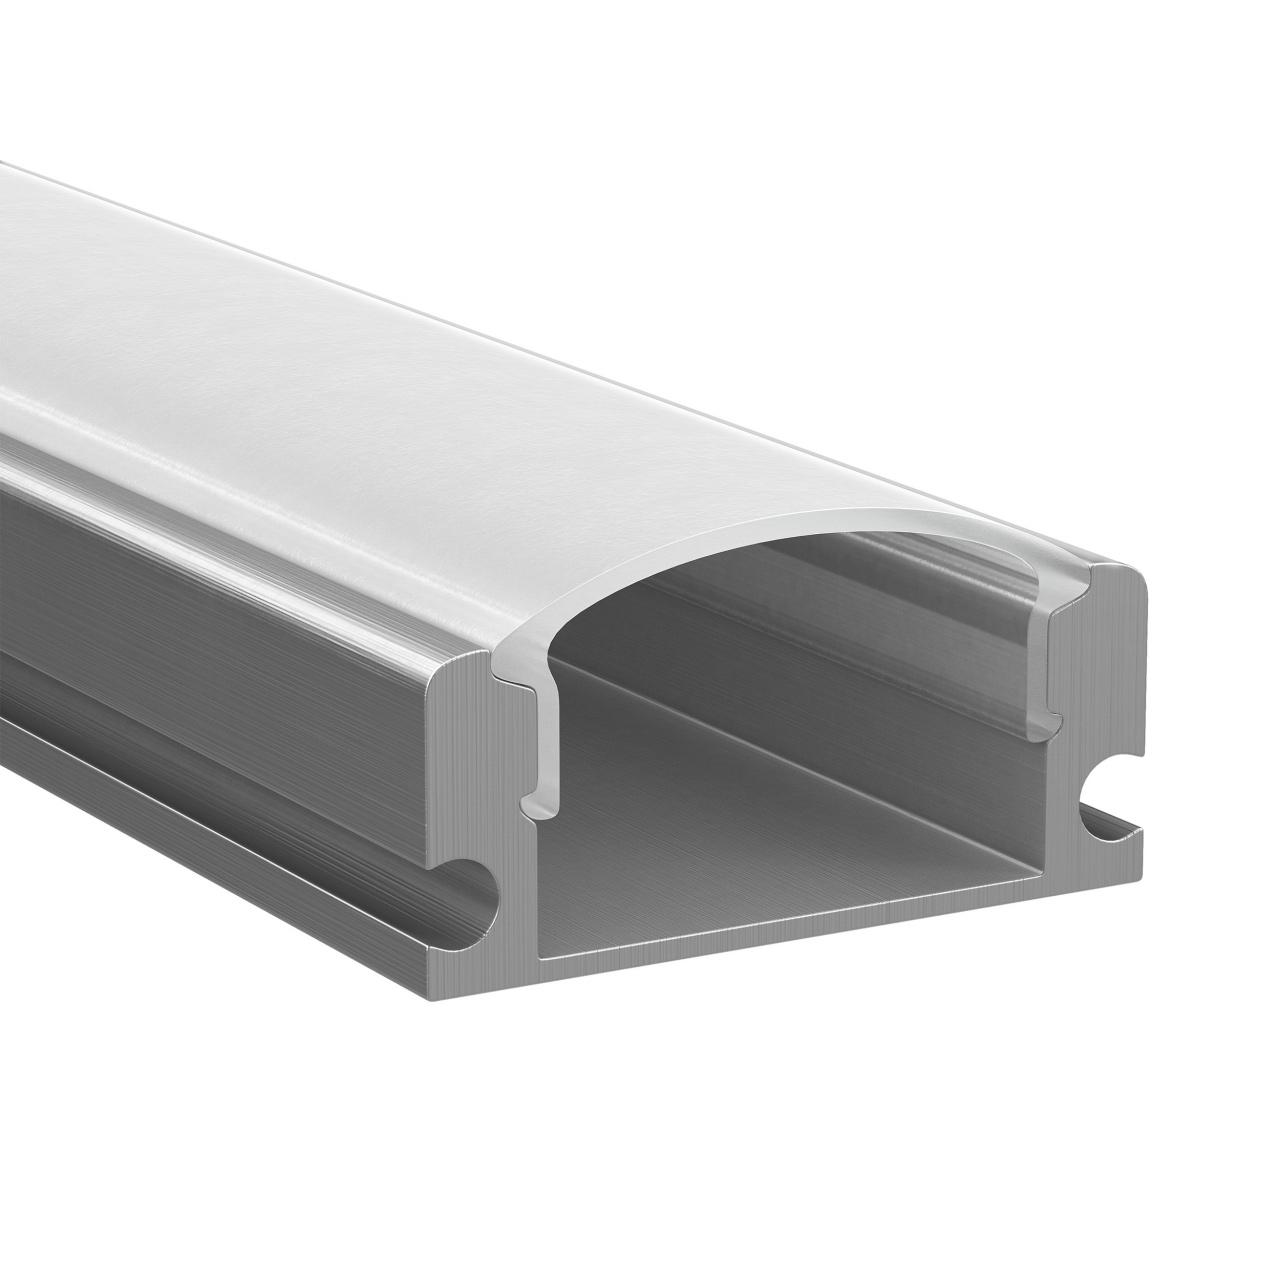 Профиль Profiledс с прямоугольным рассеивателем для светодиодных лент, алюминий, 1шт 2м Lightstar 409429